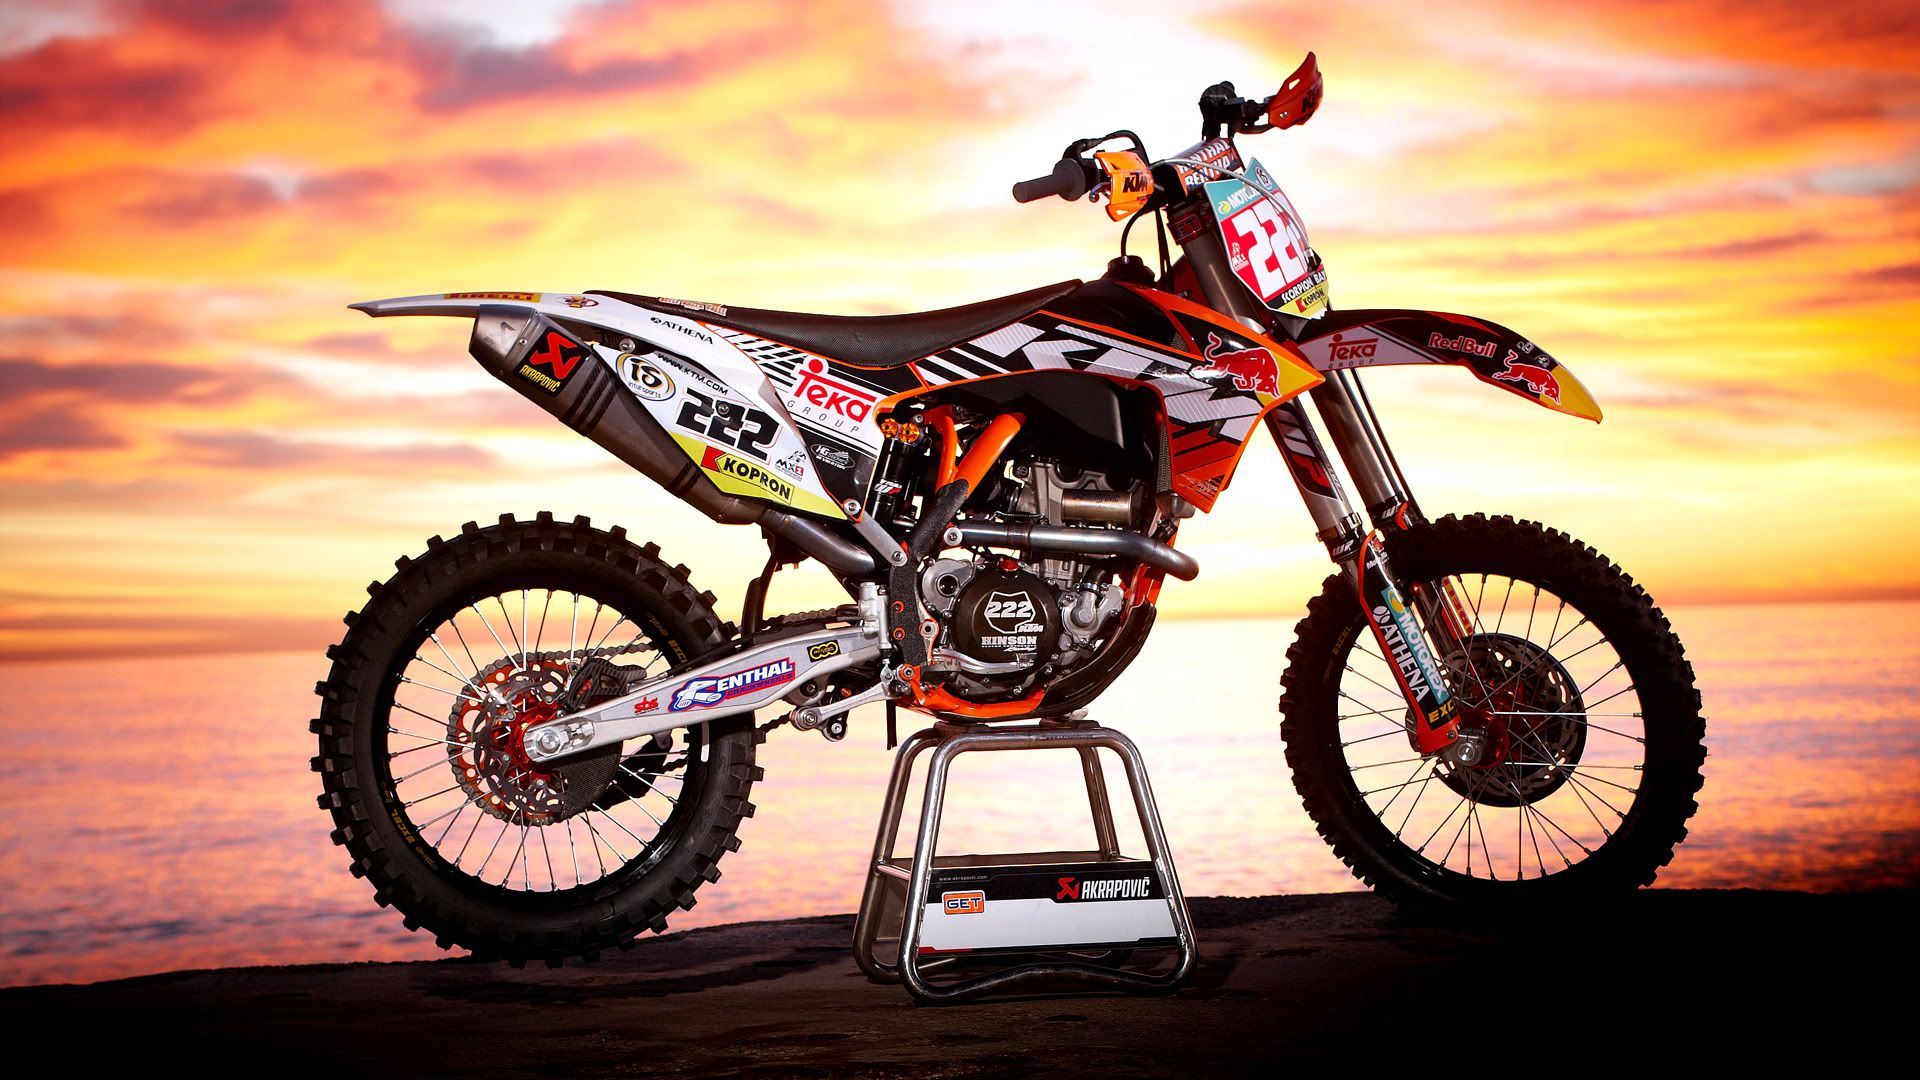 Ktm Logo Wallpaper Ktm Dirt Bikes Enduro Motocross